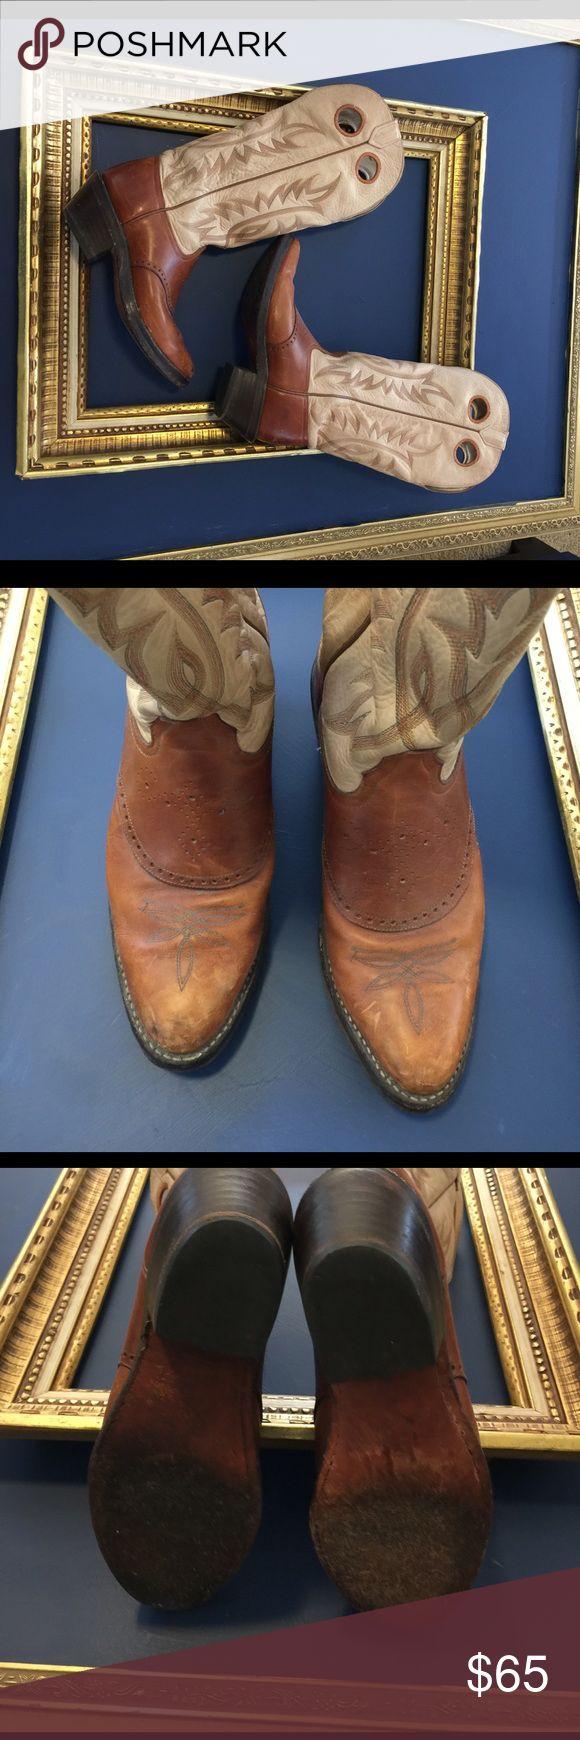 Tony Lama Cowboy Boots VIntage pair of Tony Lama Cowboy boots. Tony Lama Shoes Winter & Rain Boots